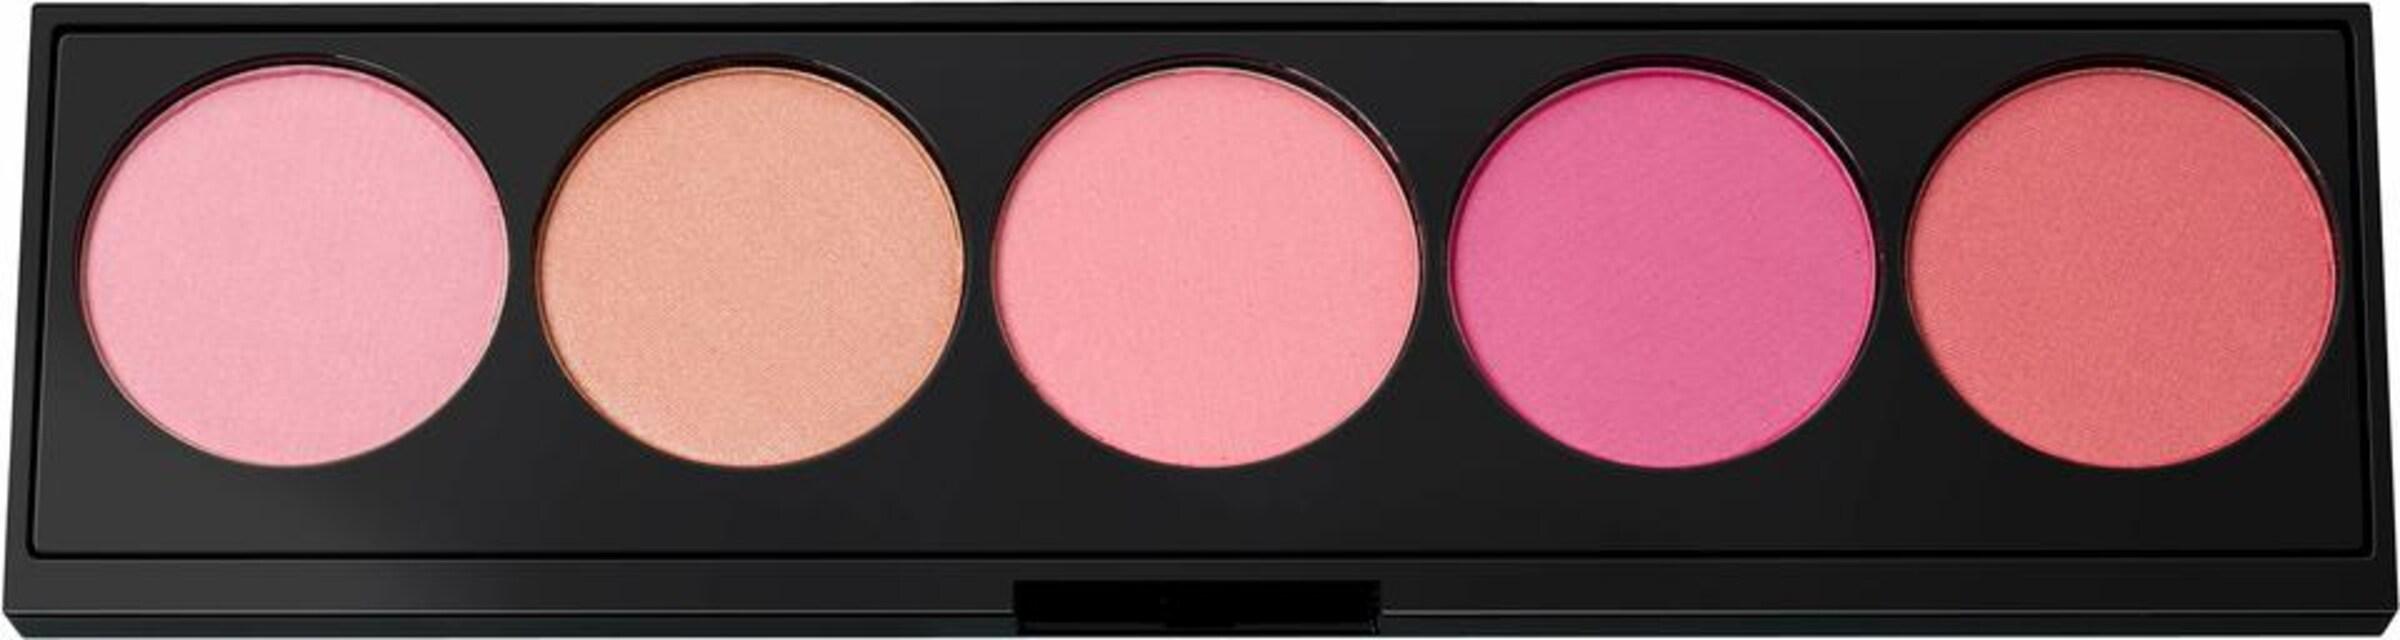 L'Oréal Paris 'Infaillible Blush Paint', Rouge-Palette